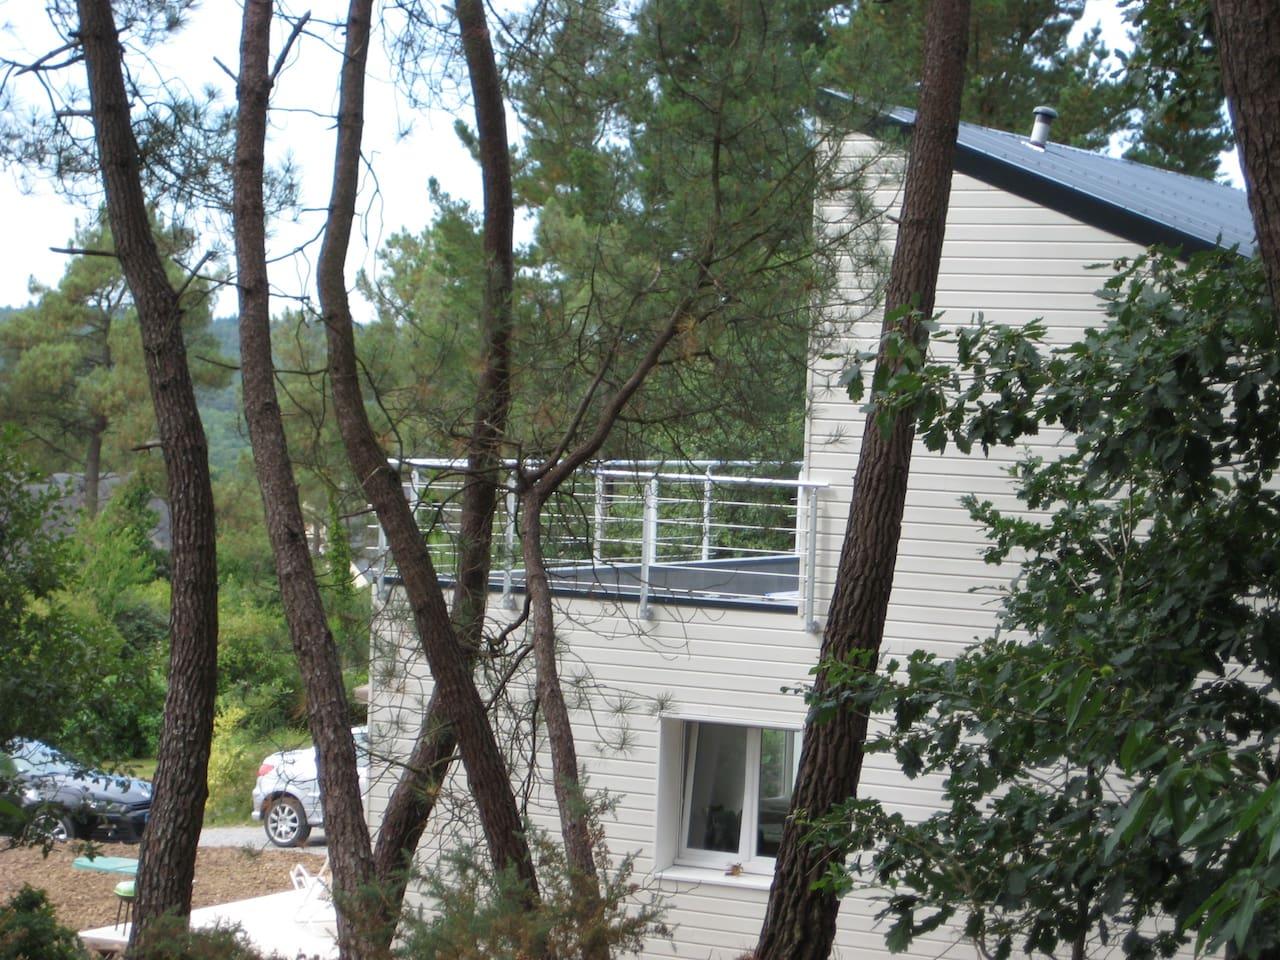 La maison et la nature environnante.